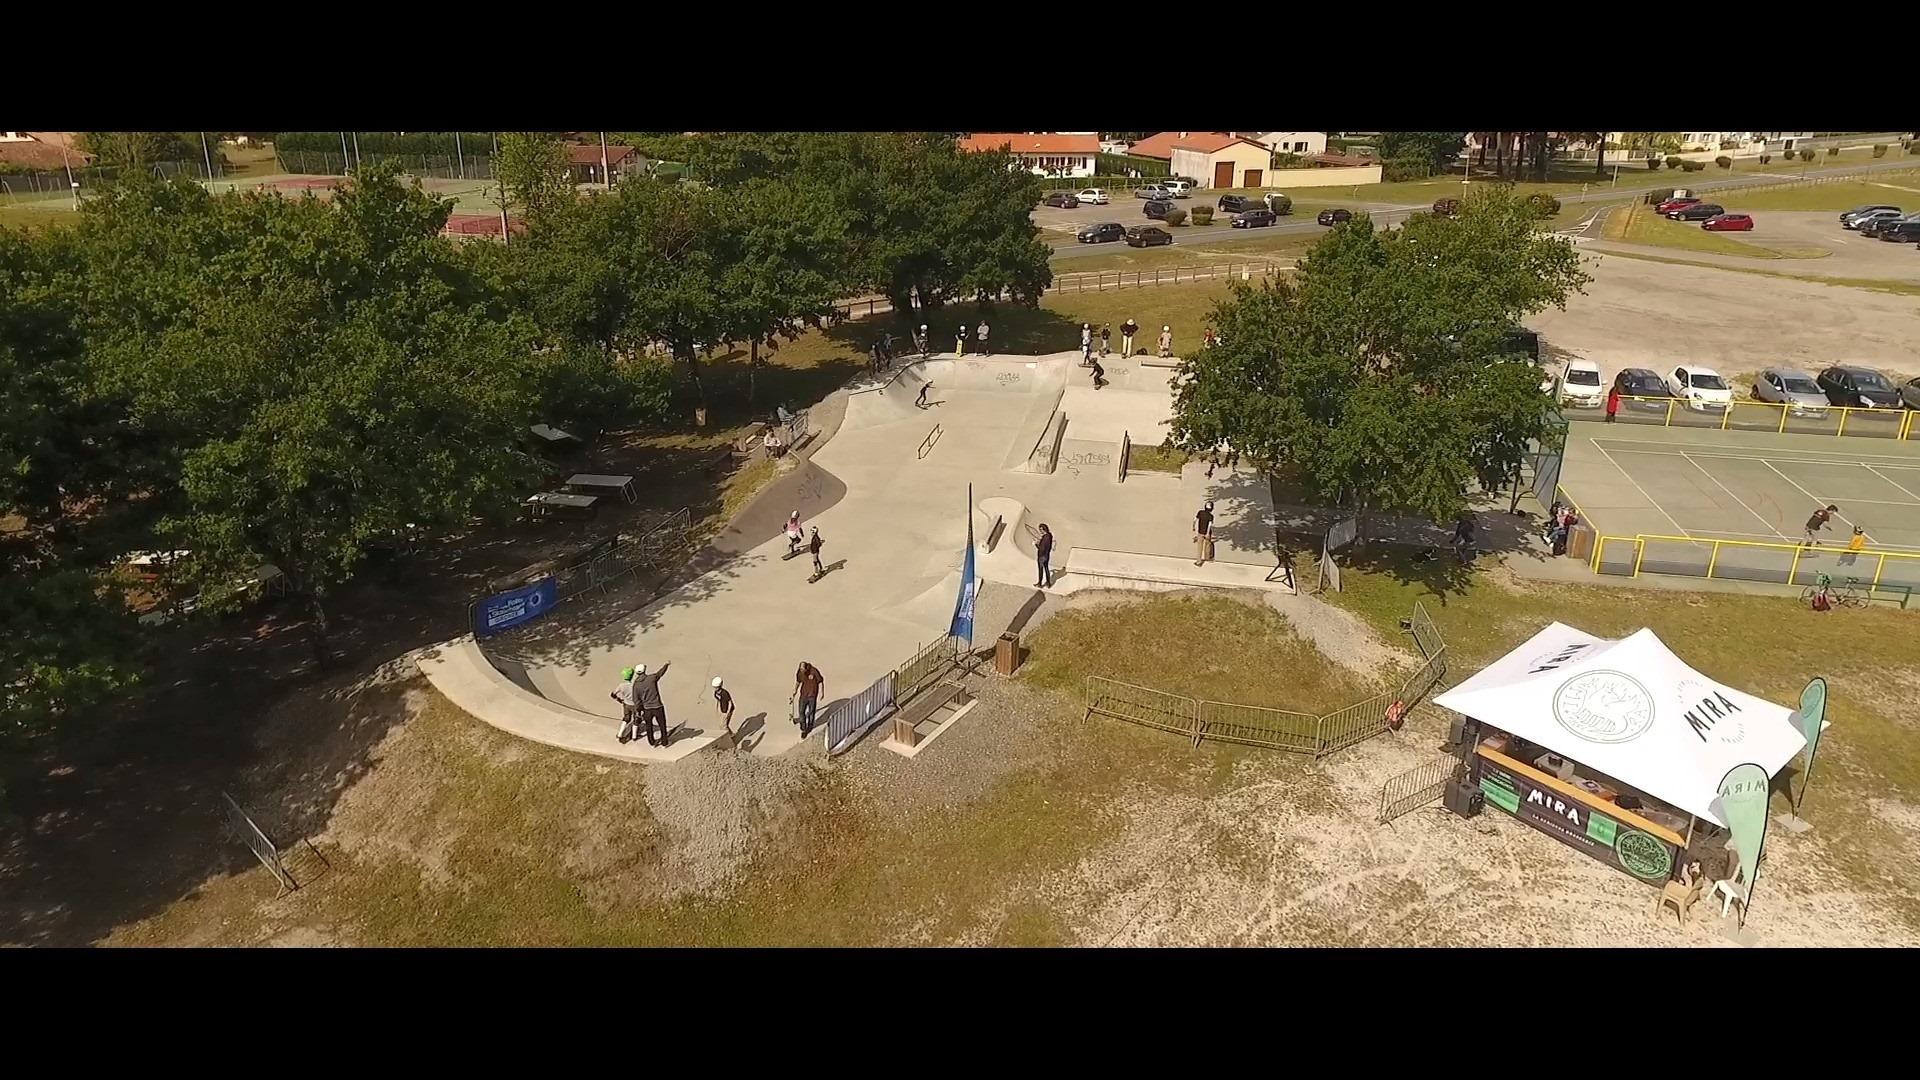 Championnat de Gironde Skate 2019 - 1ère étape - Le Barp